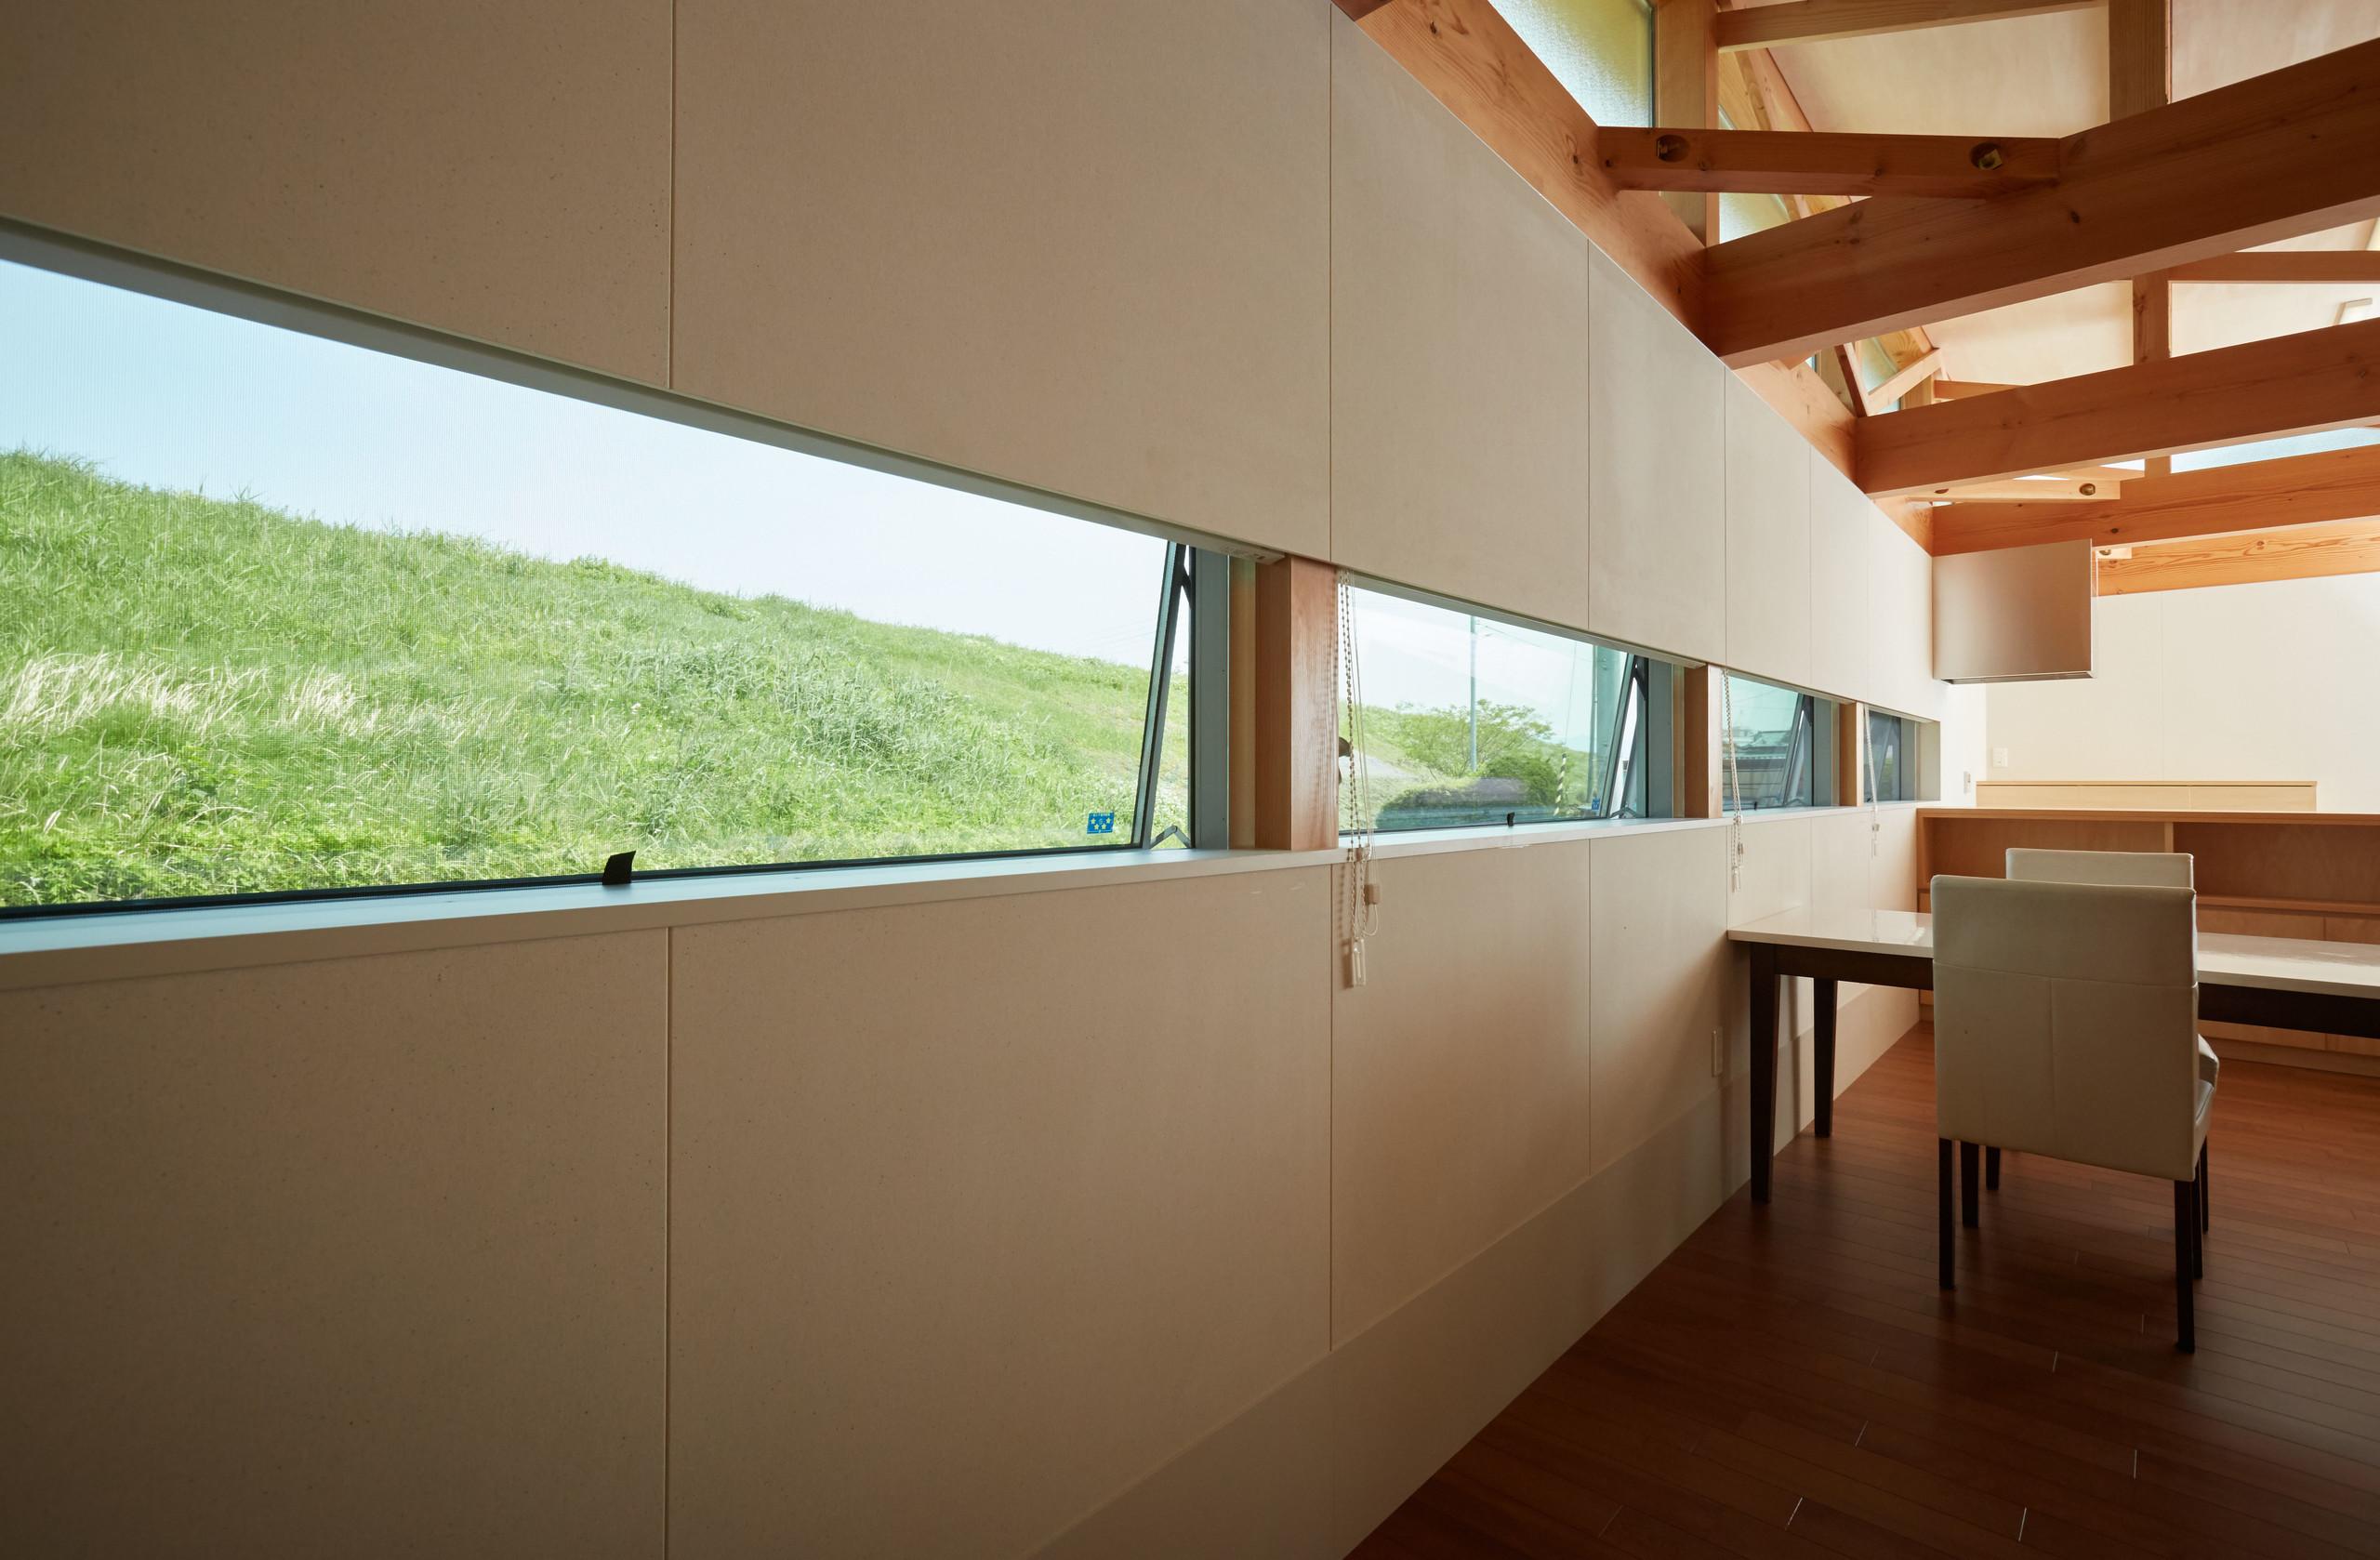 木組みの住まい 借景 バリアフリー 終の棲家の建築事例写真